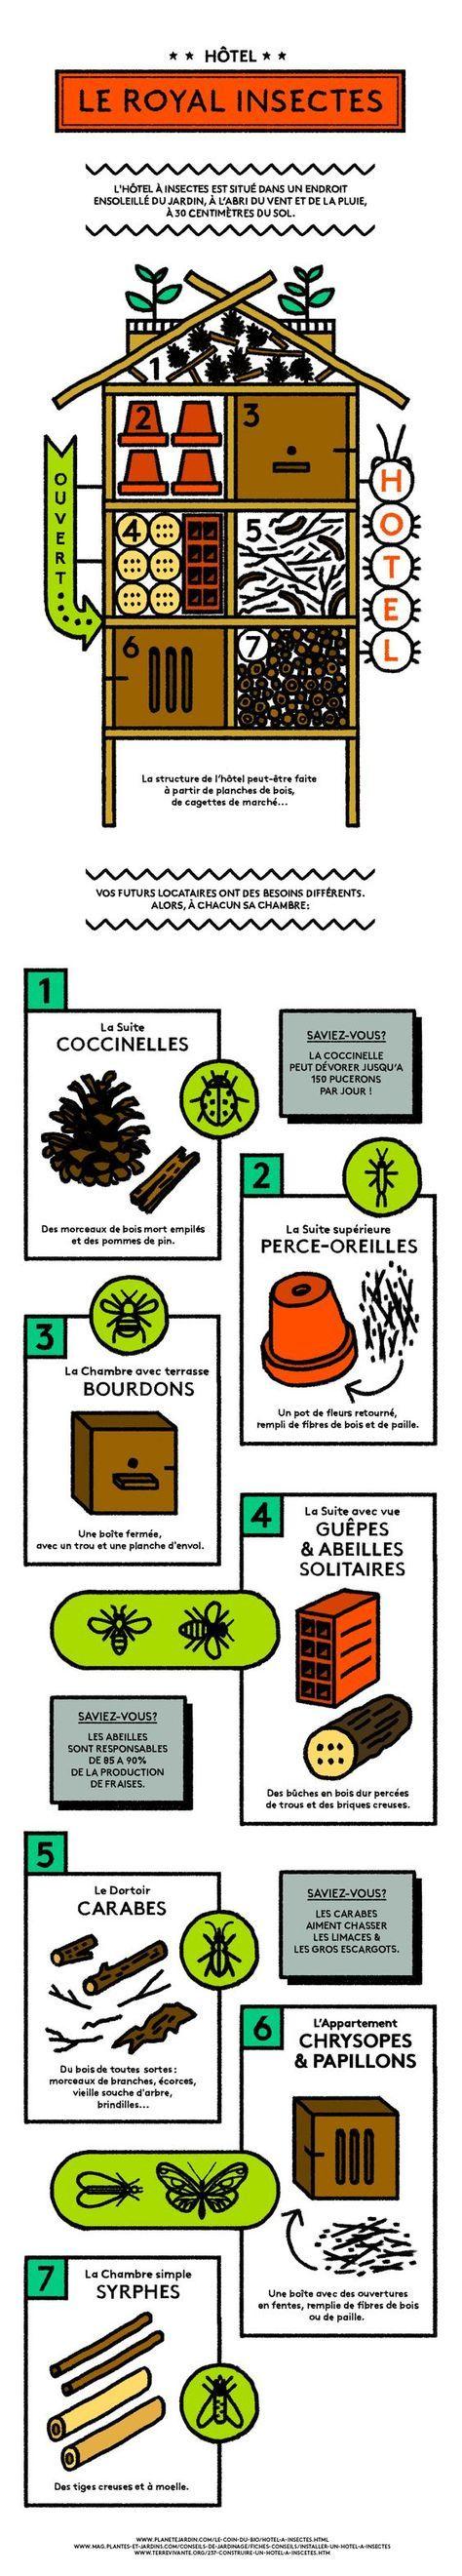 Comment construire un hôtel à insectes ? | Living Circular: